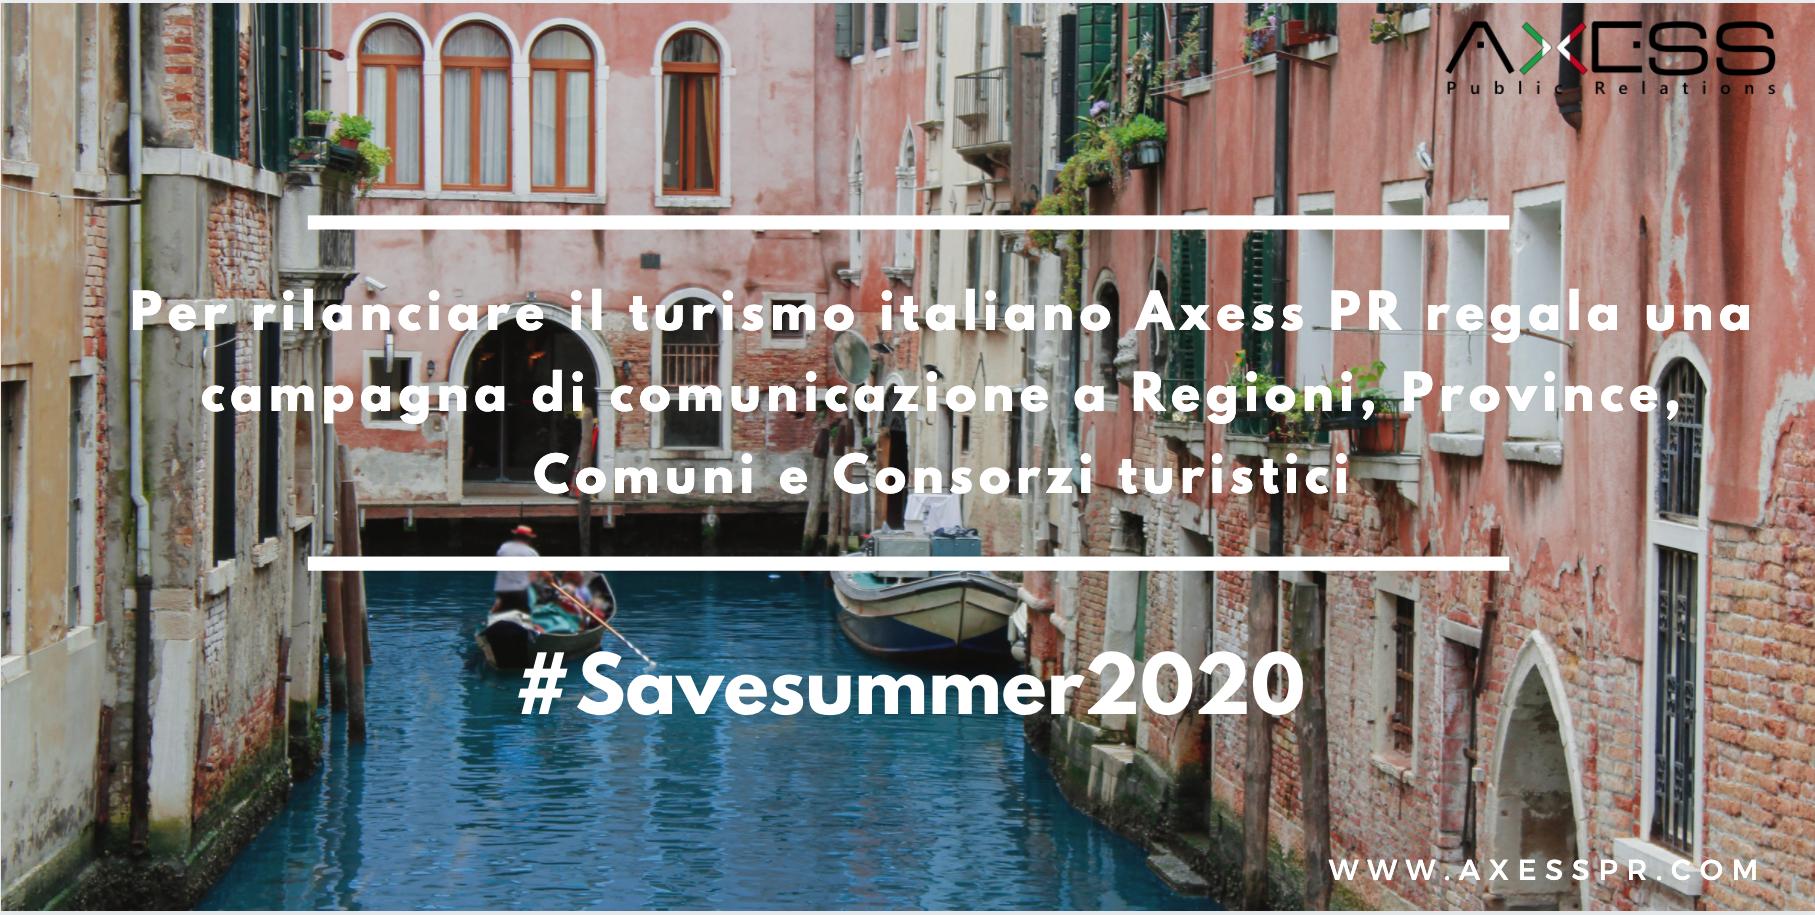 Affari Italiani.it – Turismo internazionale in Italia: già persi quasi 10 miliardi di Euro e 35 milioni di visitatori. Axess PR lancia la campagna#savesummer2020